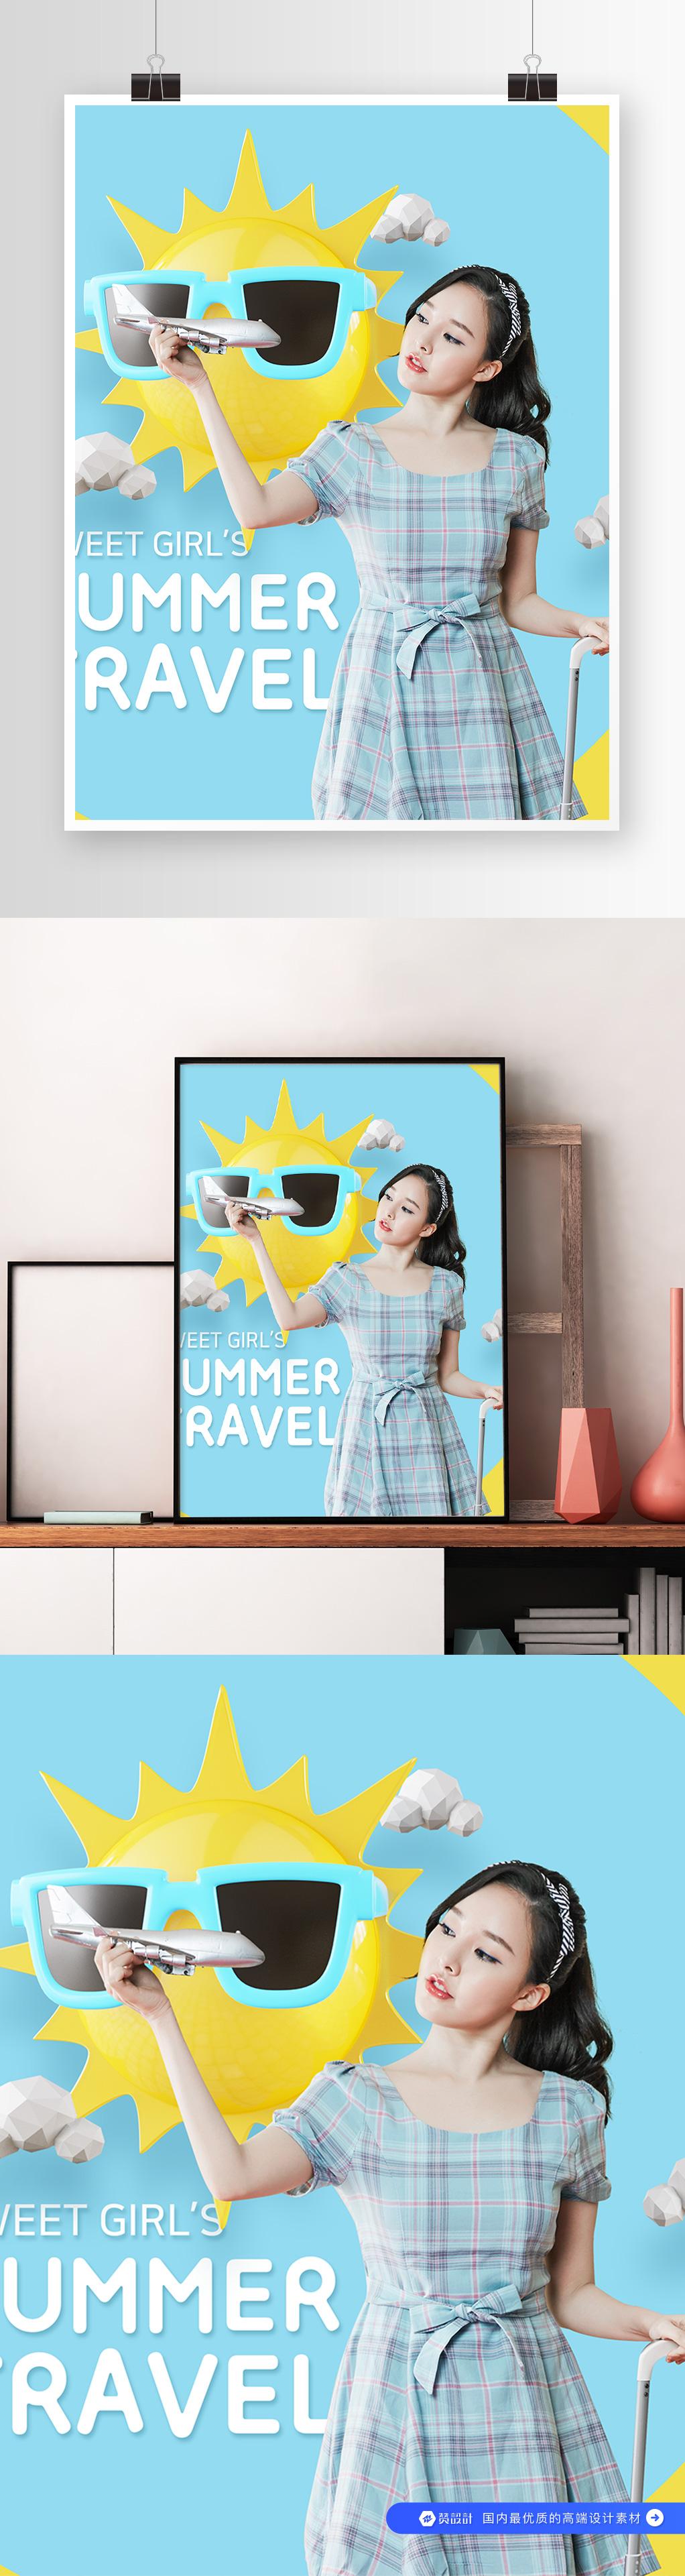 蓝色小清新美女旅行海报